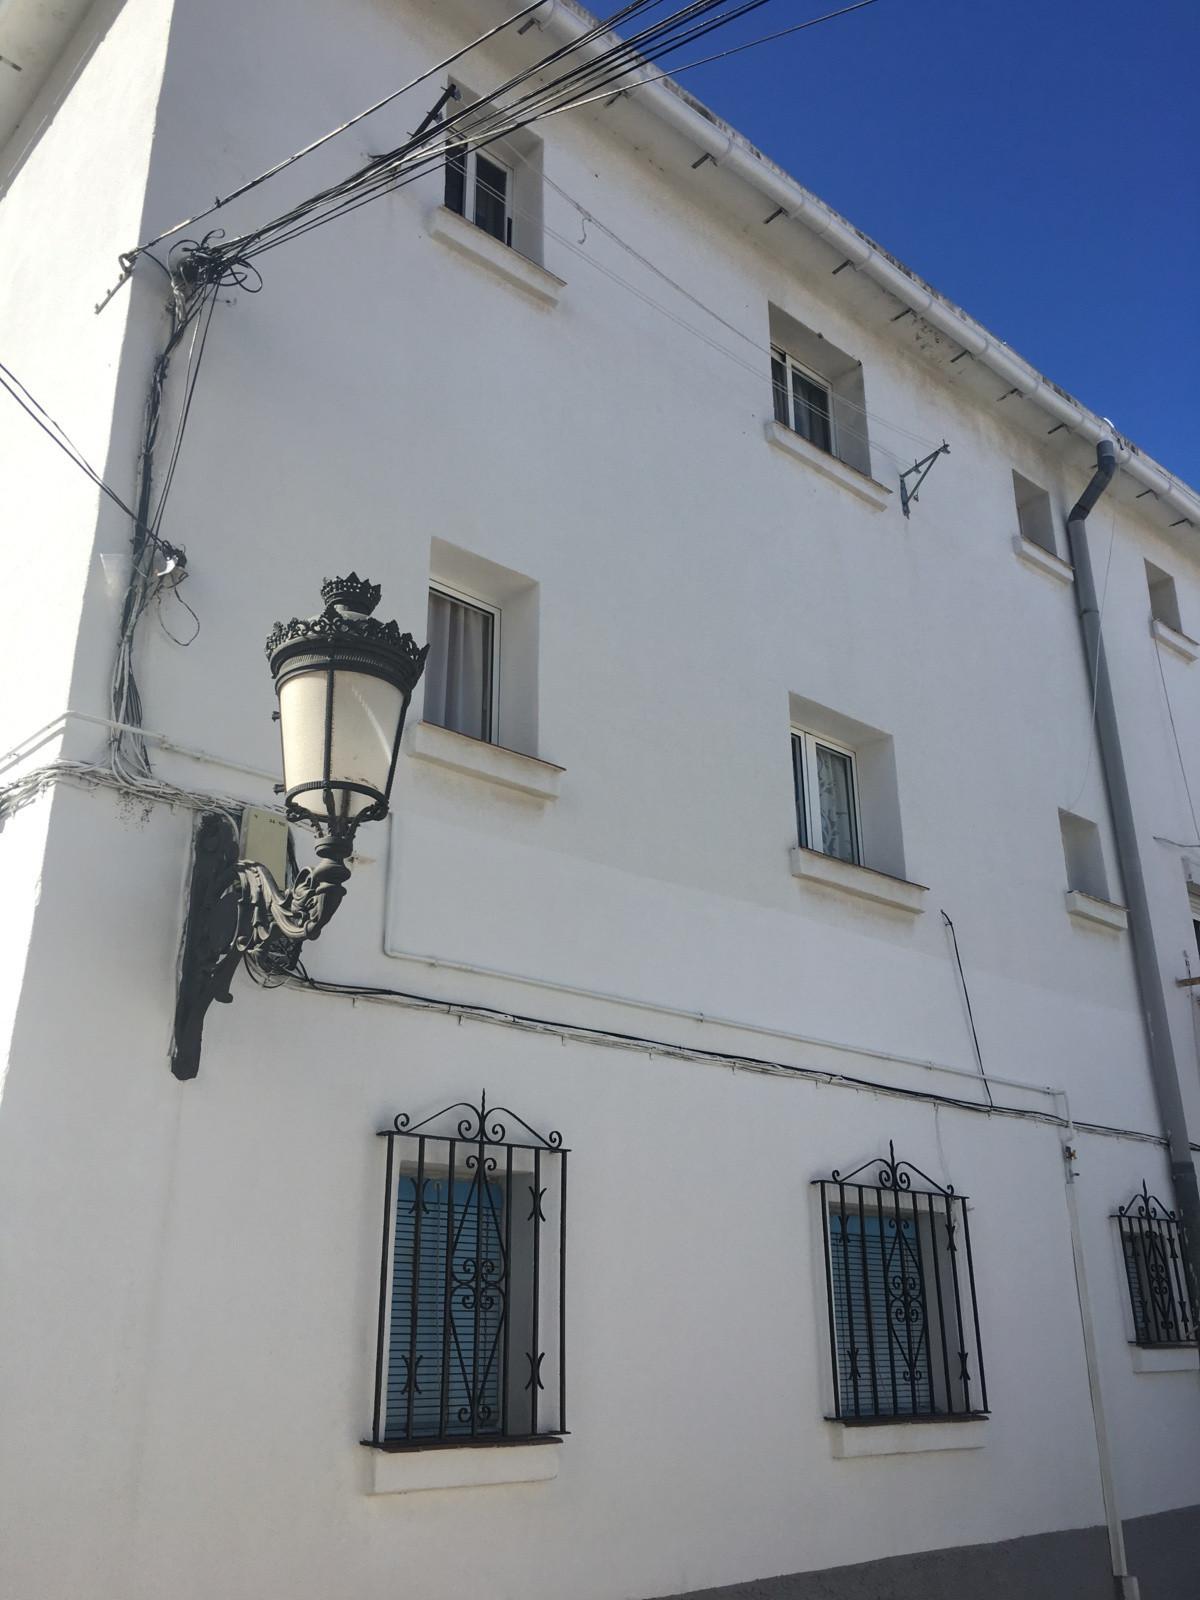 Apartamento, Ático  en venta    en Estepona